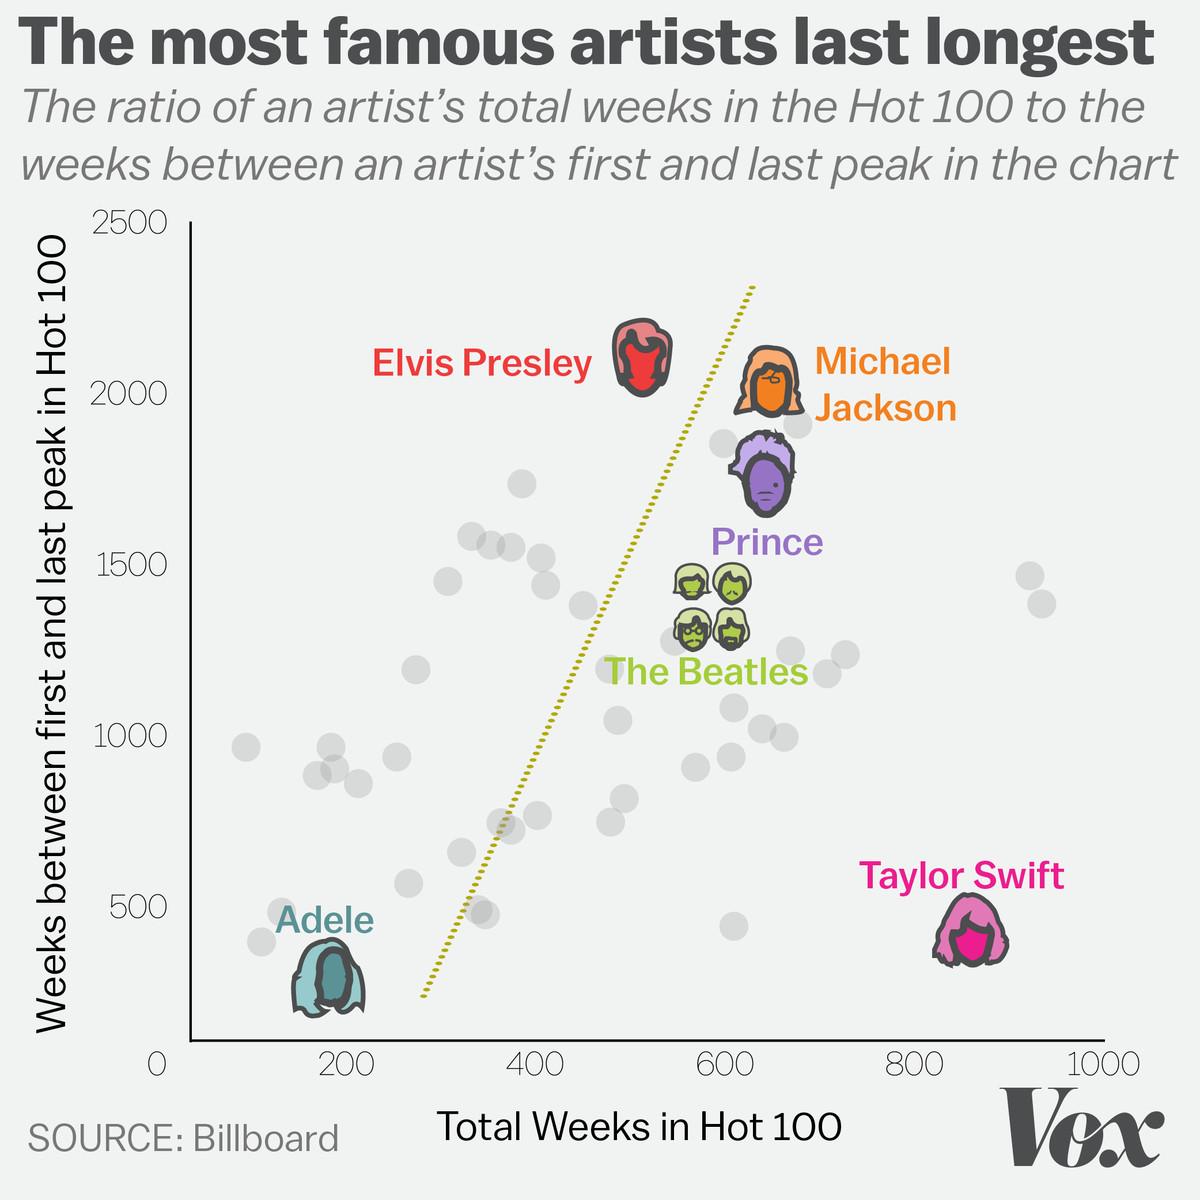 The most famous artists last longest